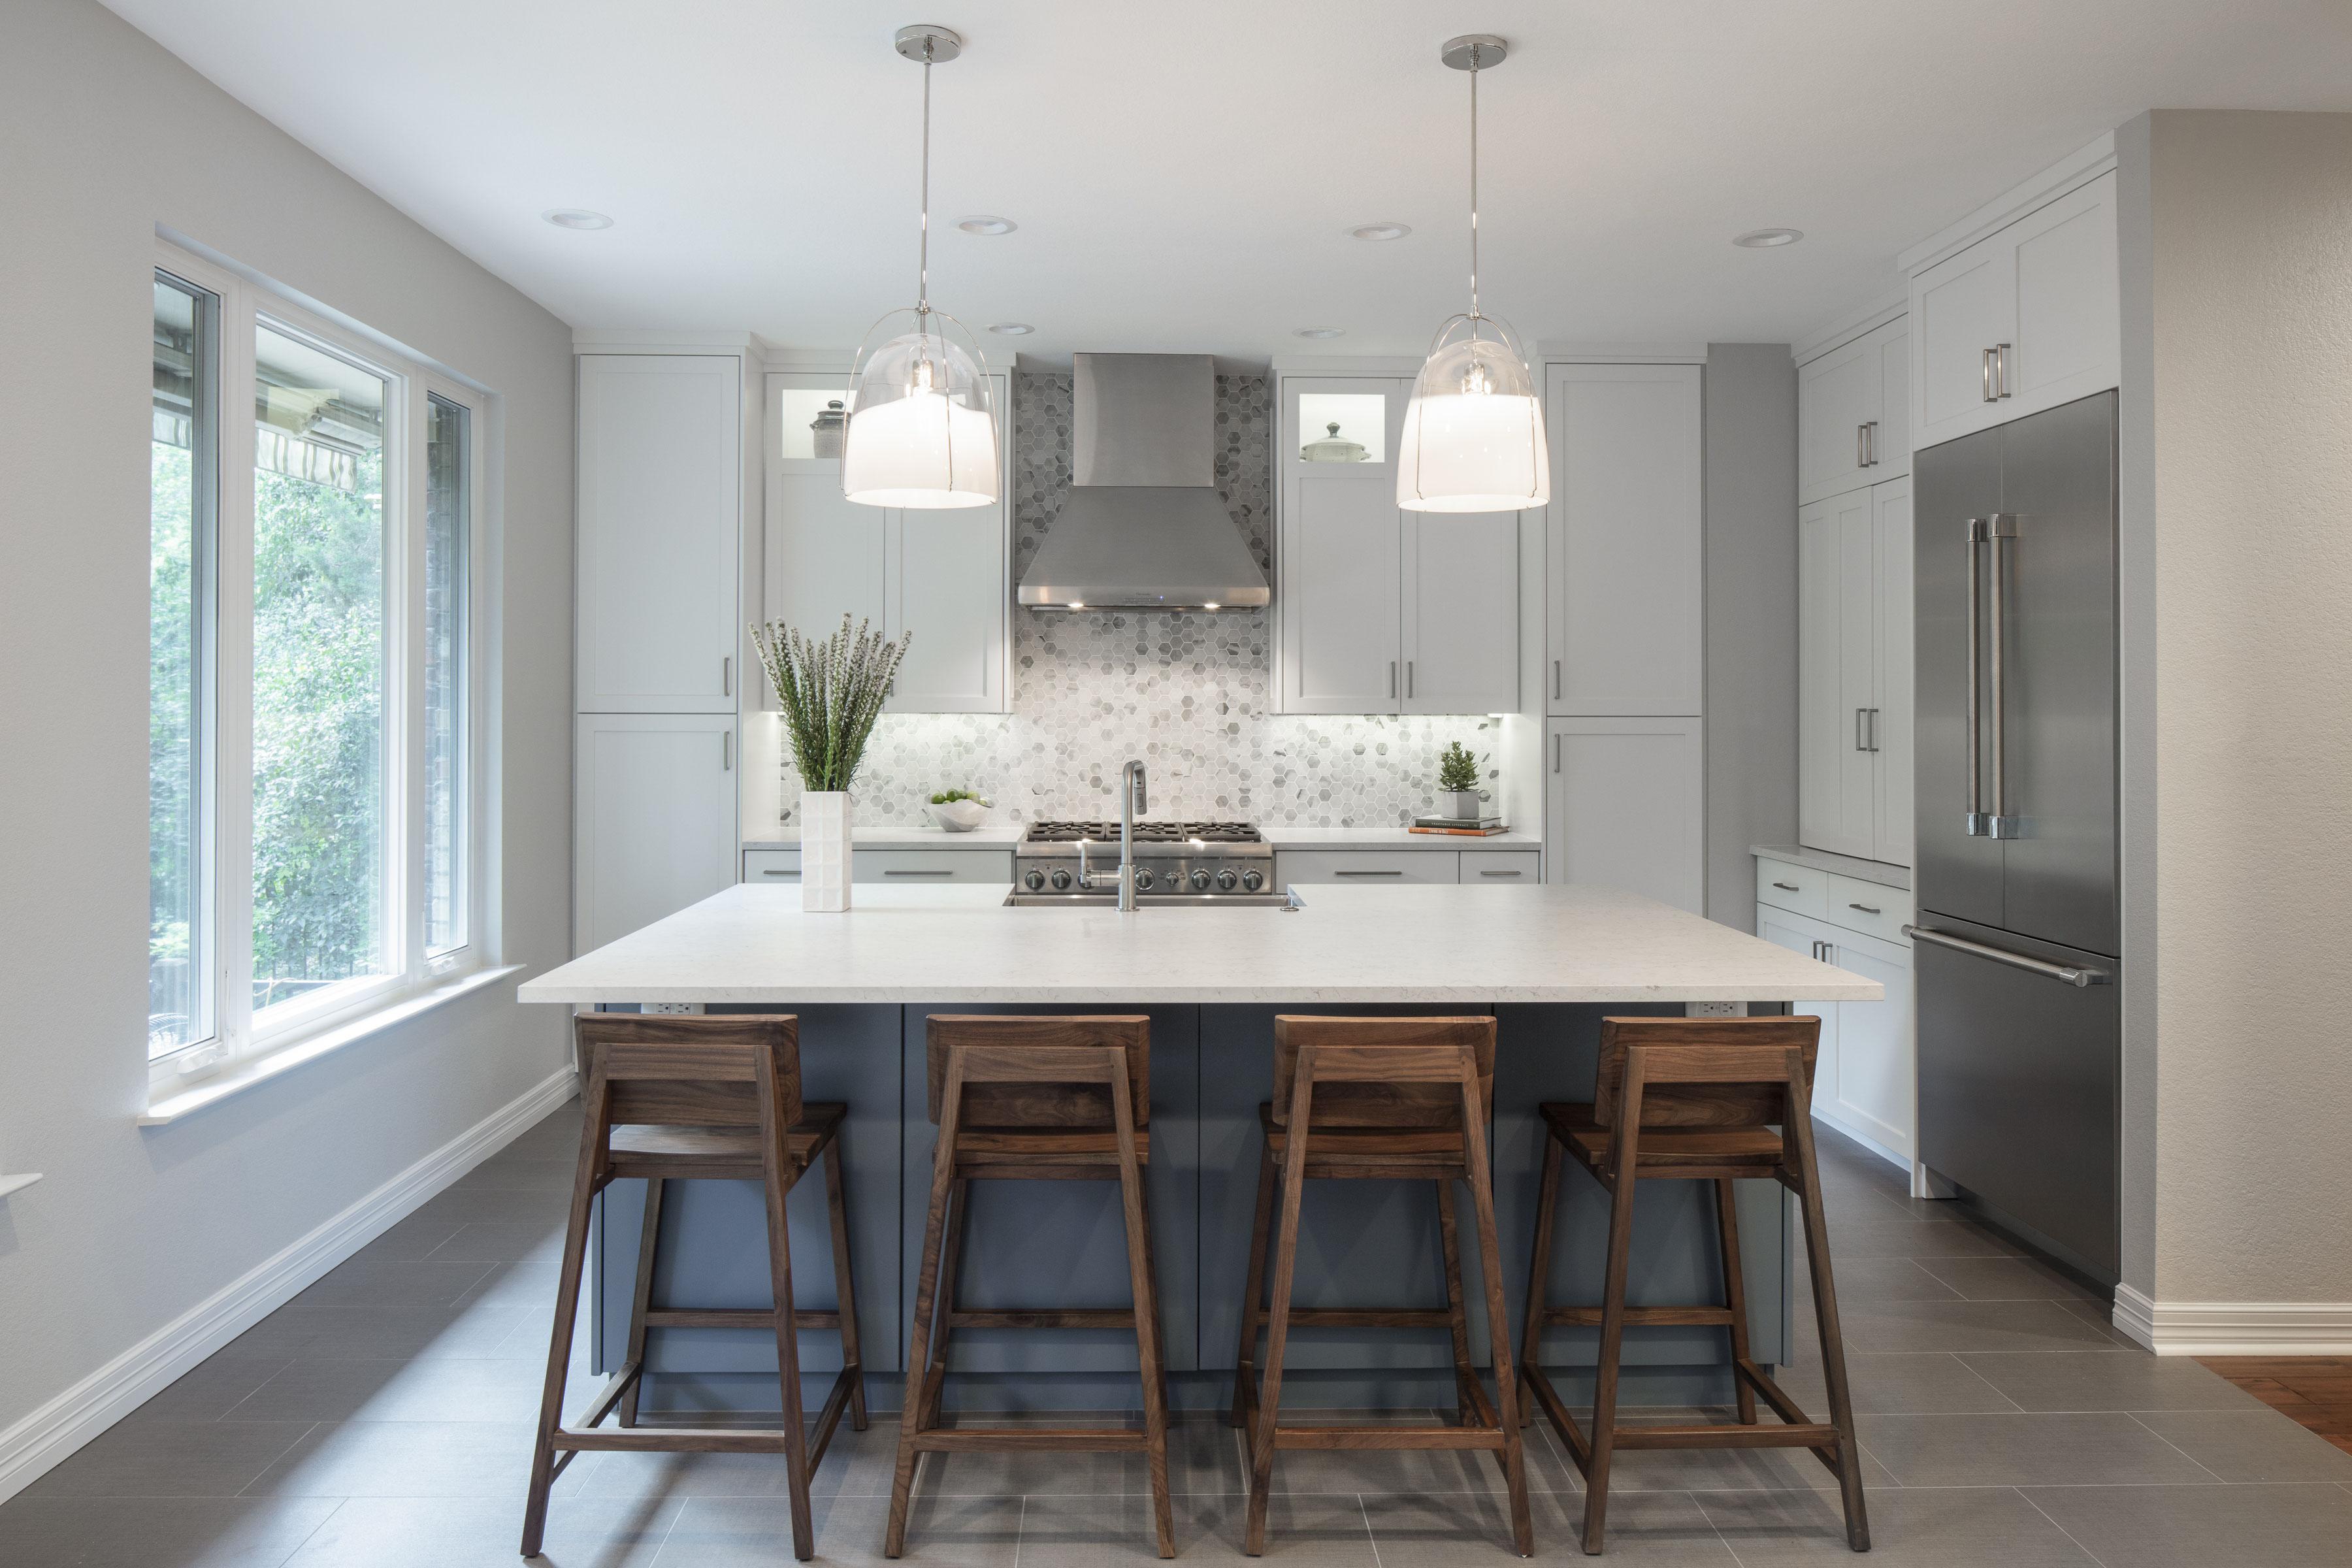 kitchen remodel timeline for real remodeling services austin tx. Black Bedroom Furniture Sets. Home Design Ideas